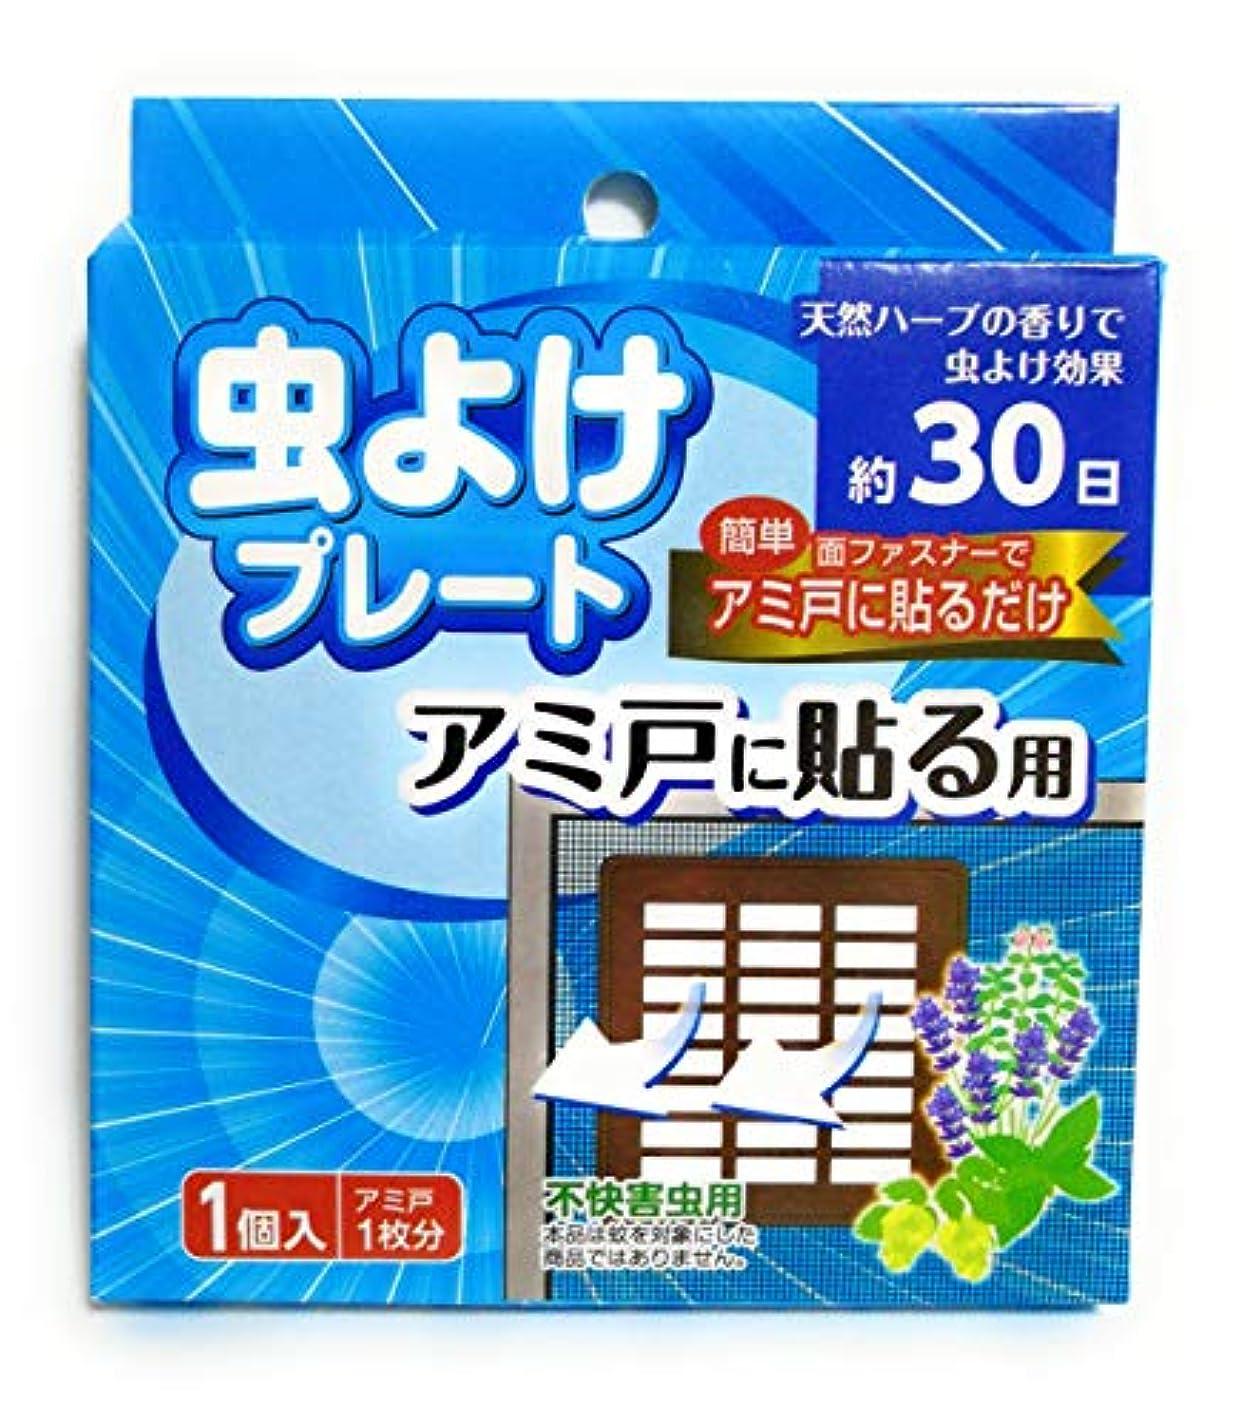 虫よけプレート 網戸に貼る用 虫よけ効果約30日 天然ハーブの香りで虫よけ効果 網戸に貼るだけ 簡単